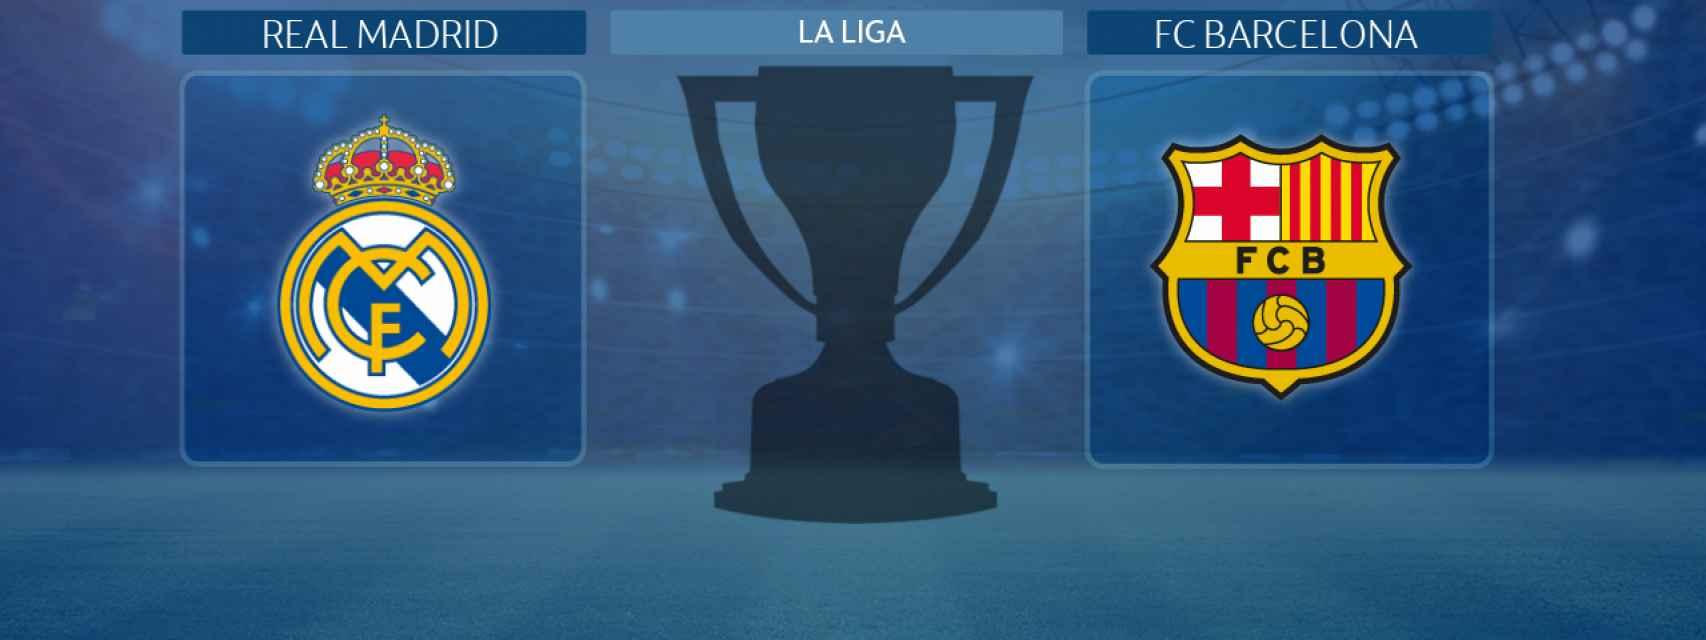 Real Madrid - FC Barcelona, El Clásico de La Liga